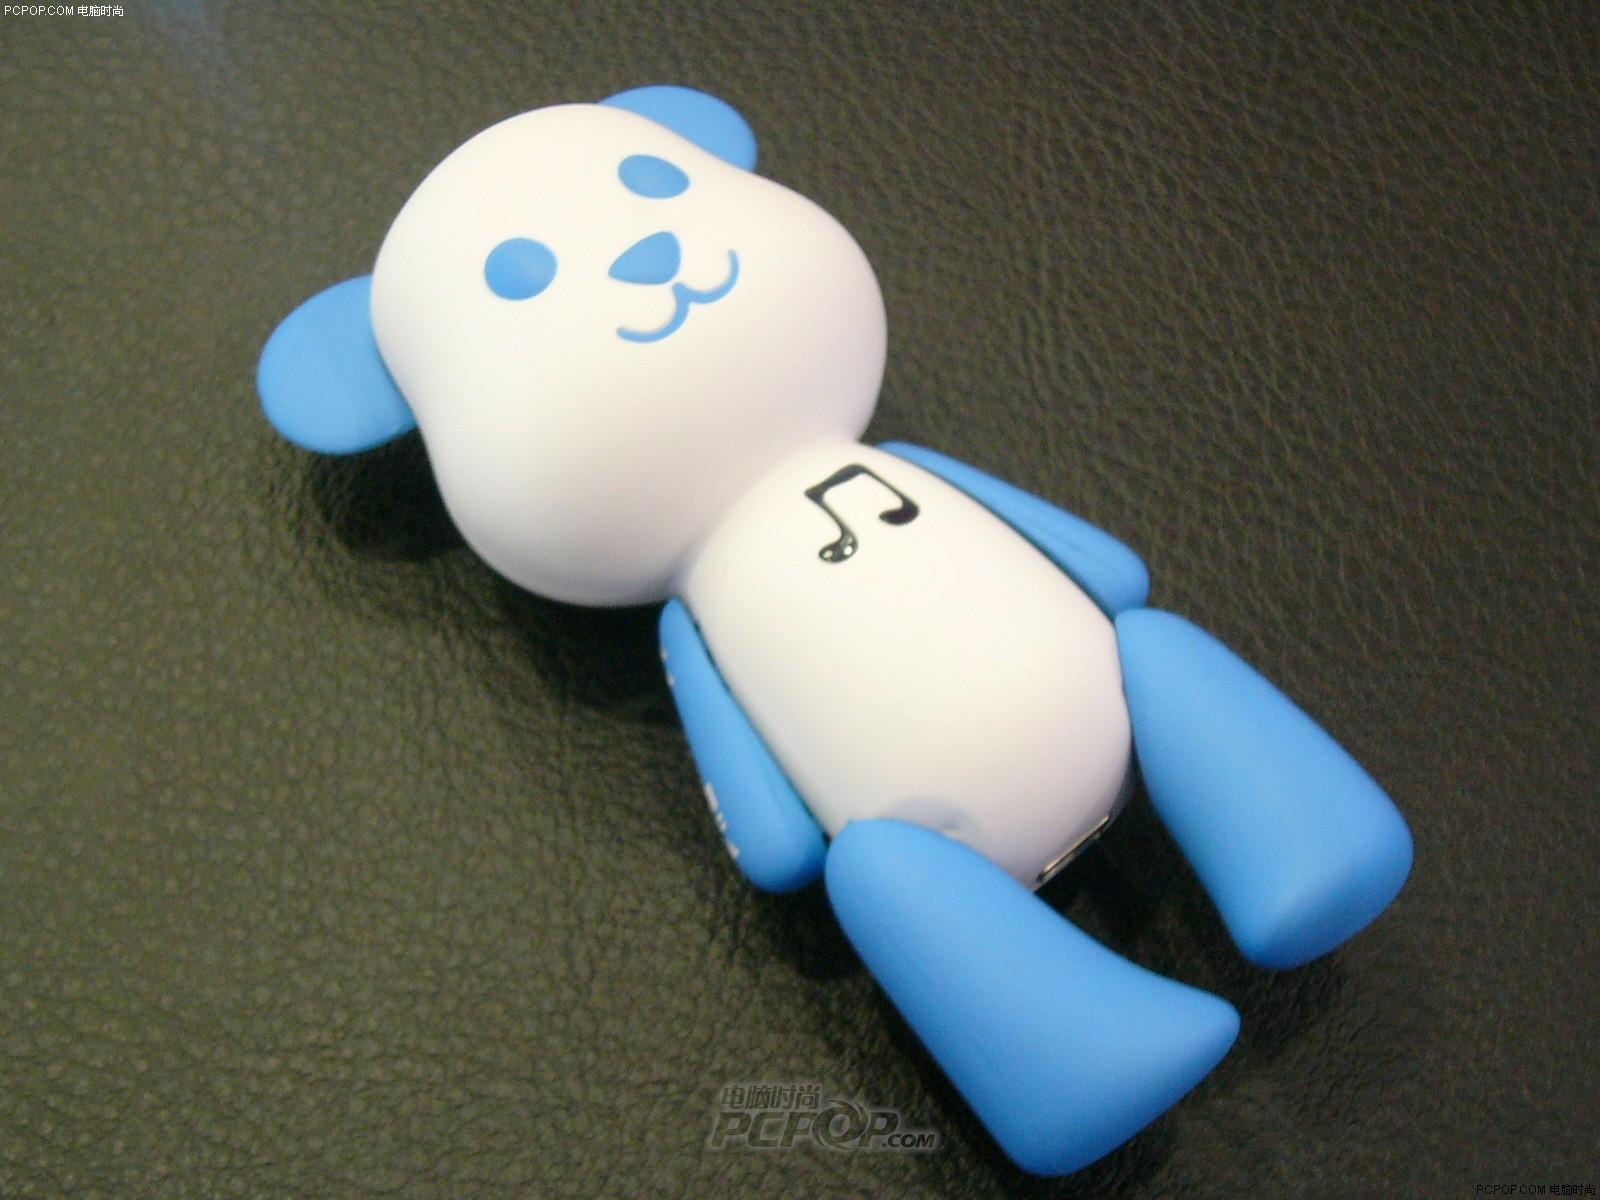 超级小可爱,会唱歌的小熊熊昨日到货图片12